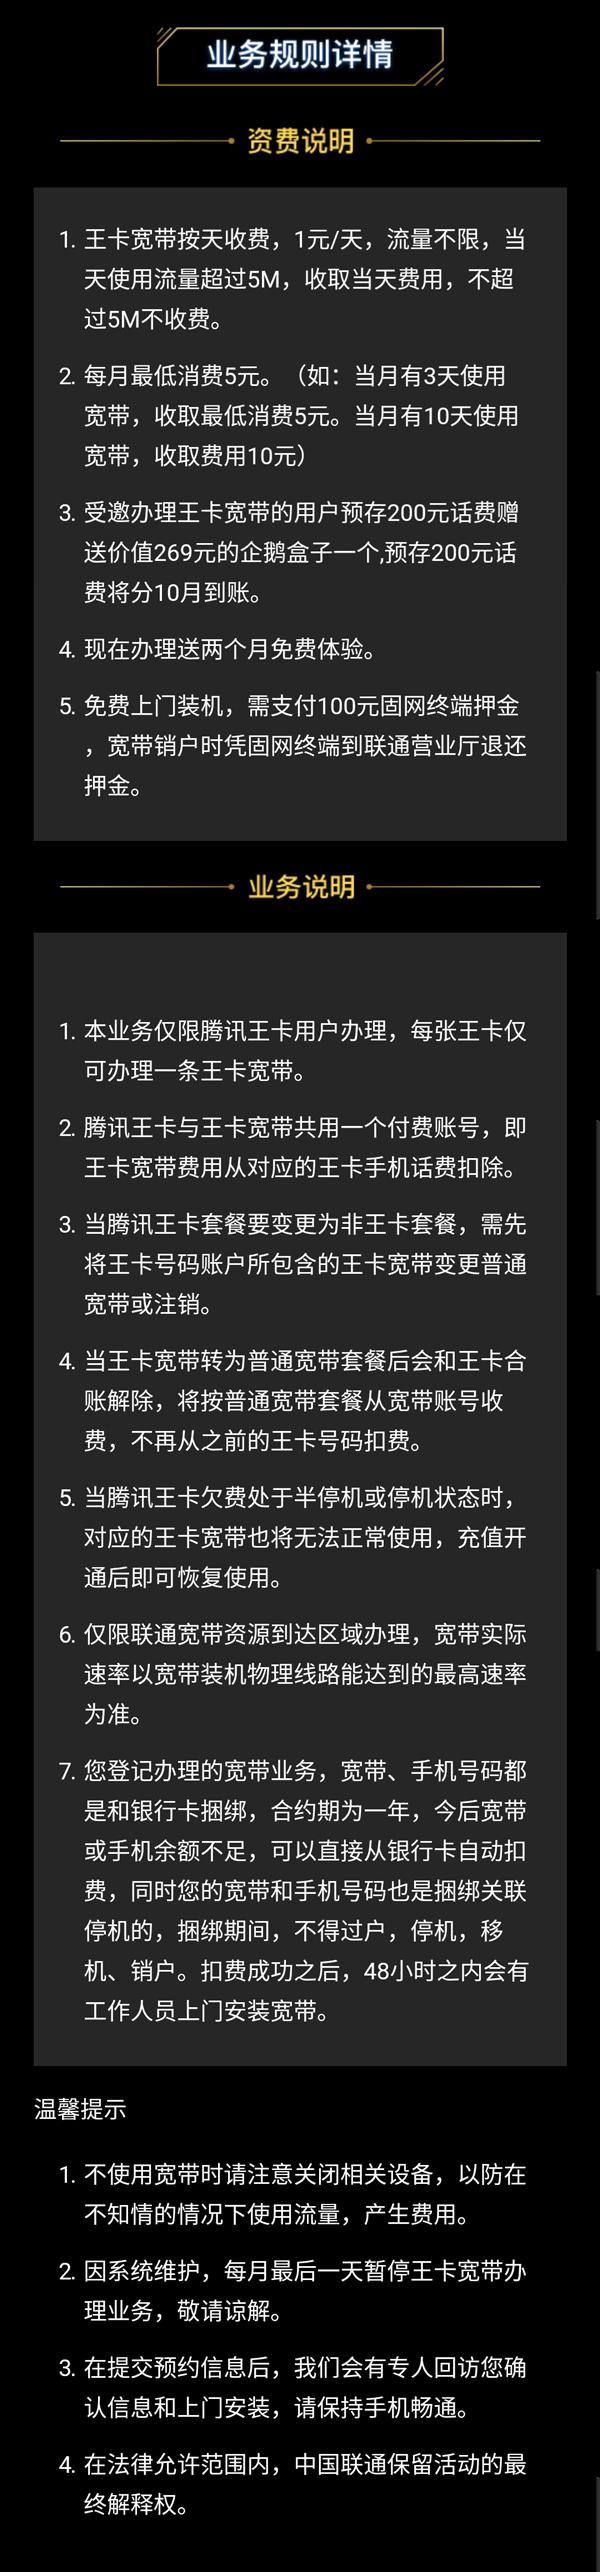 中国联通联合腾讯推出王卡宽带:1天1元,不用不花钱 活动线报 第4张